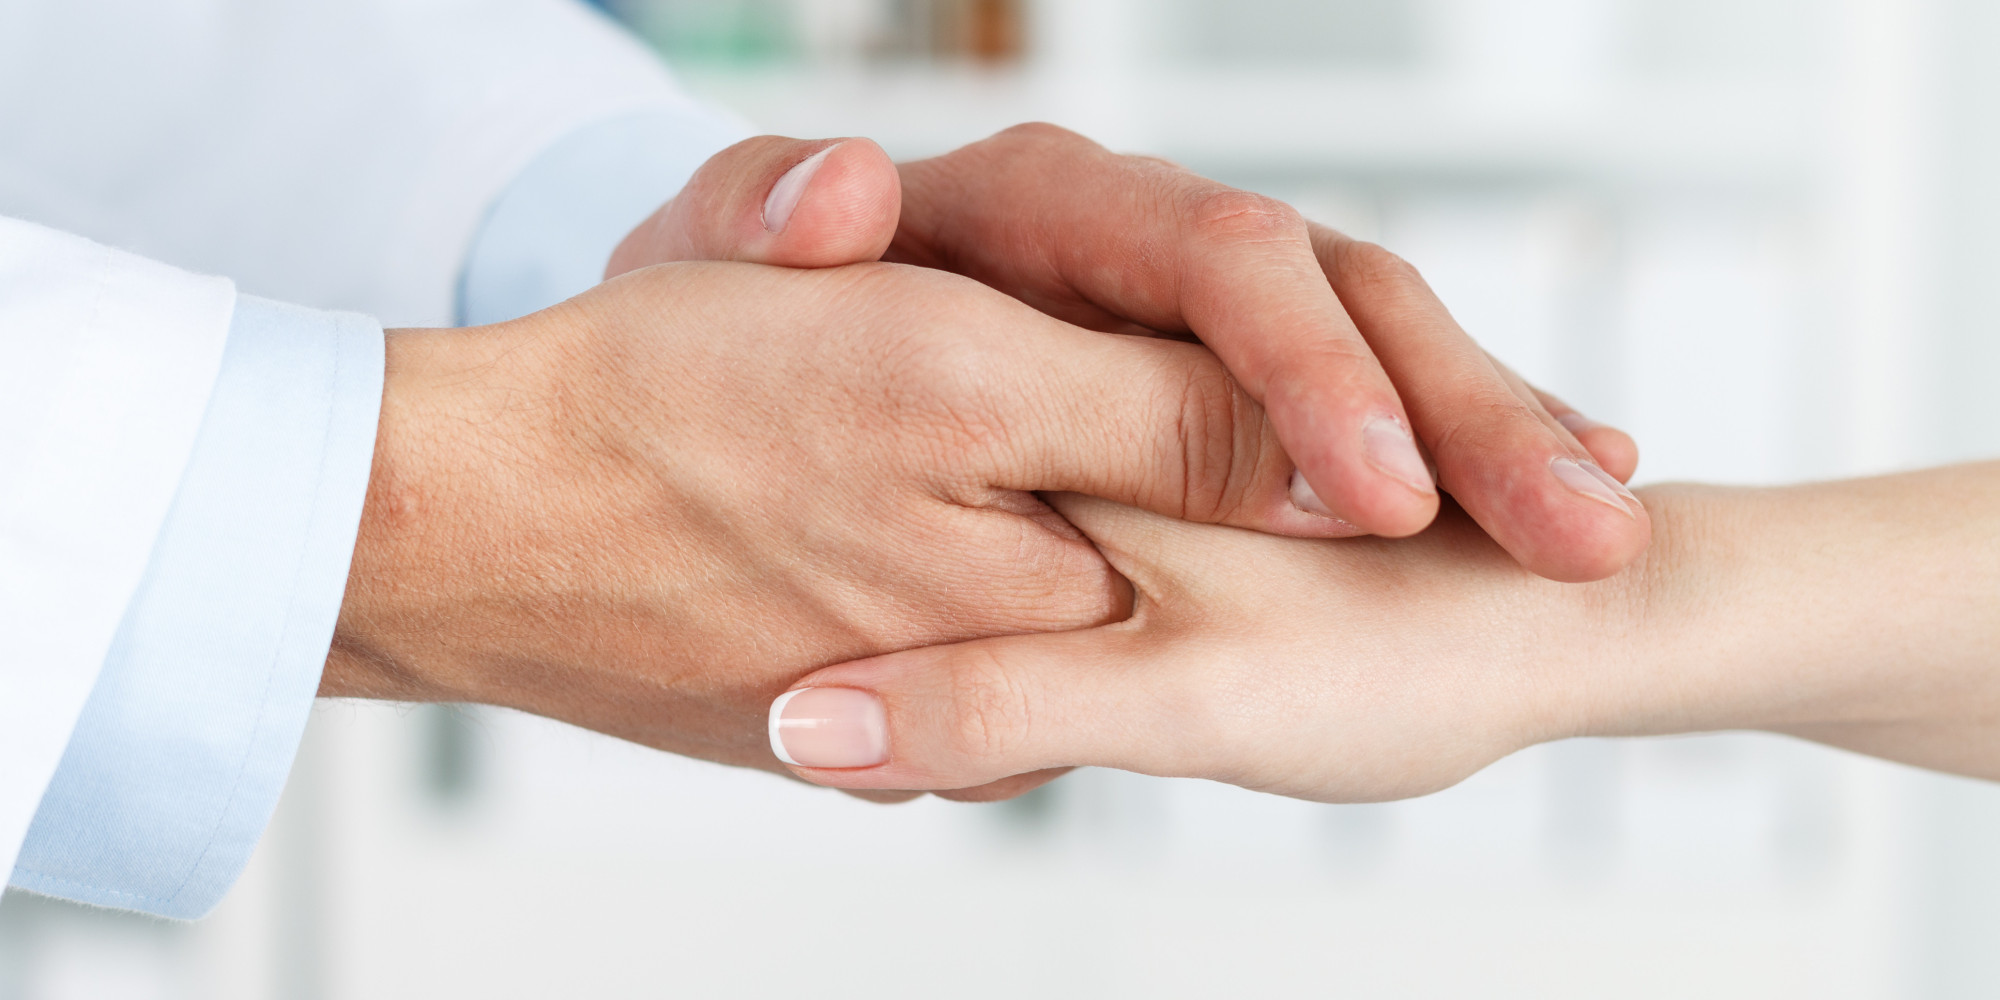 نشأة الخدمة الاجتماعية الطبية